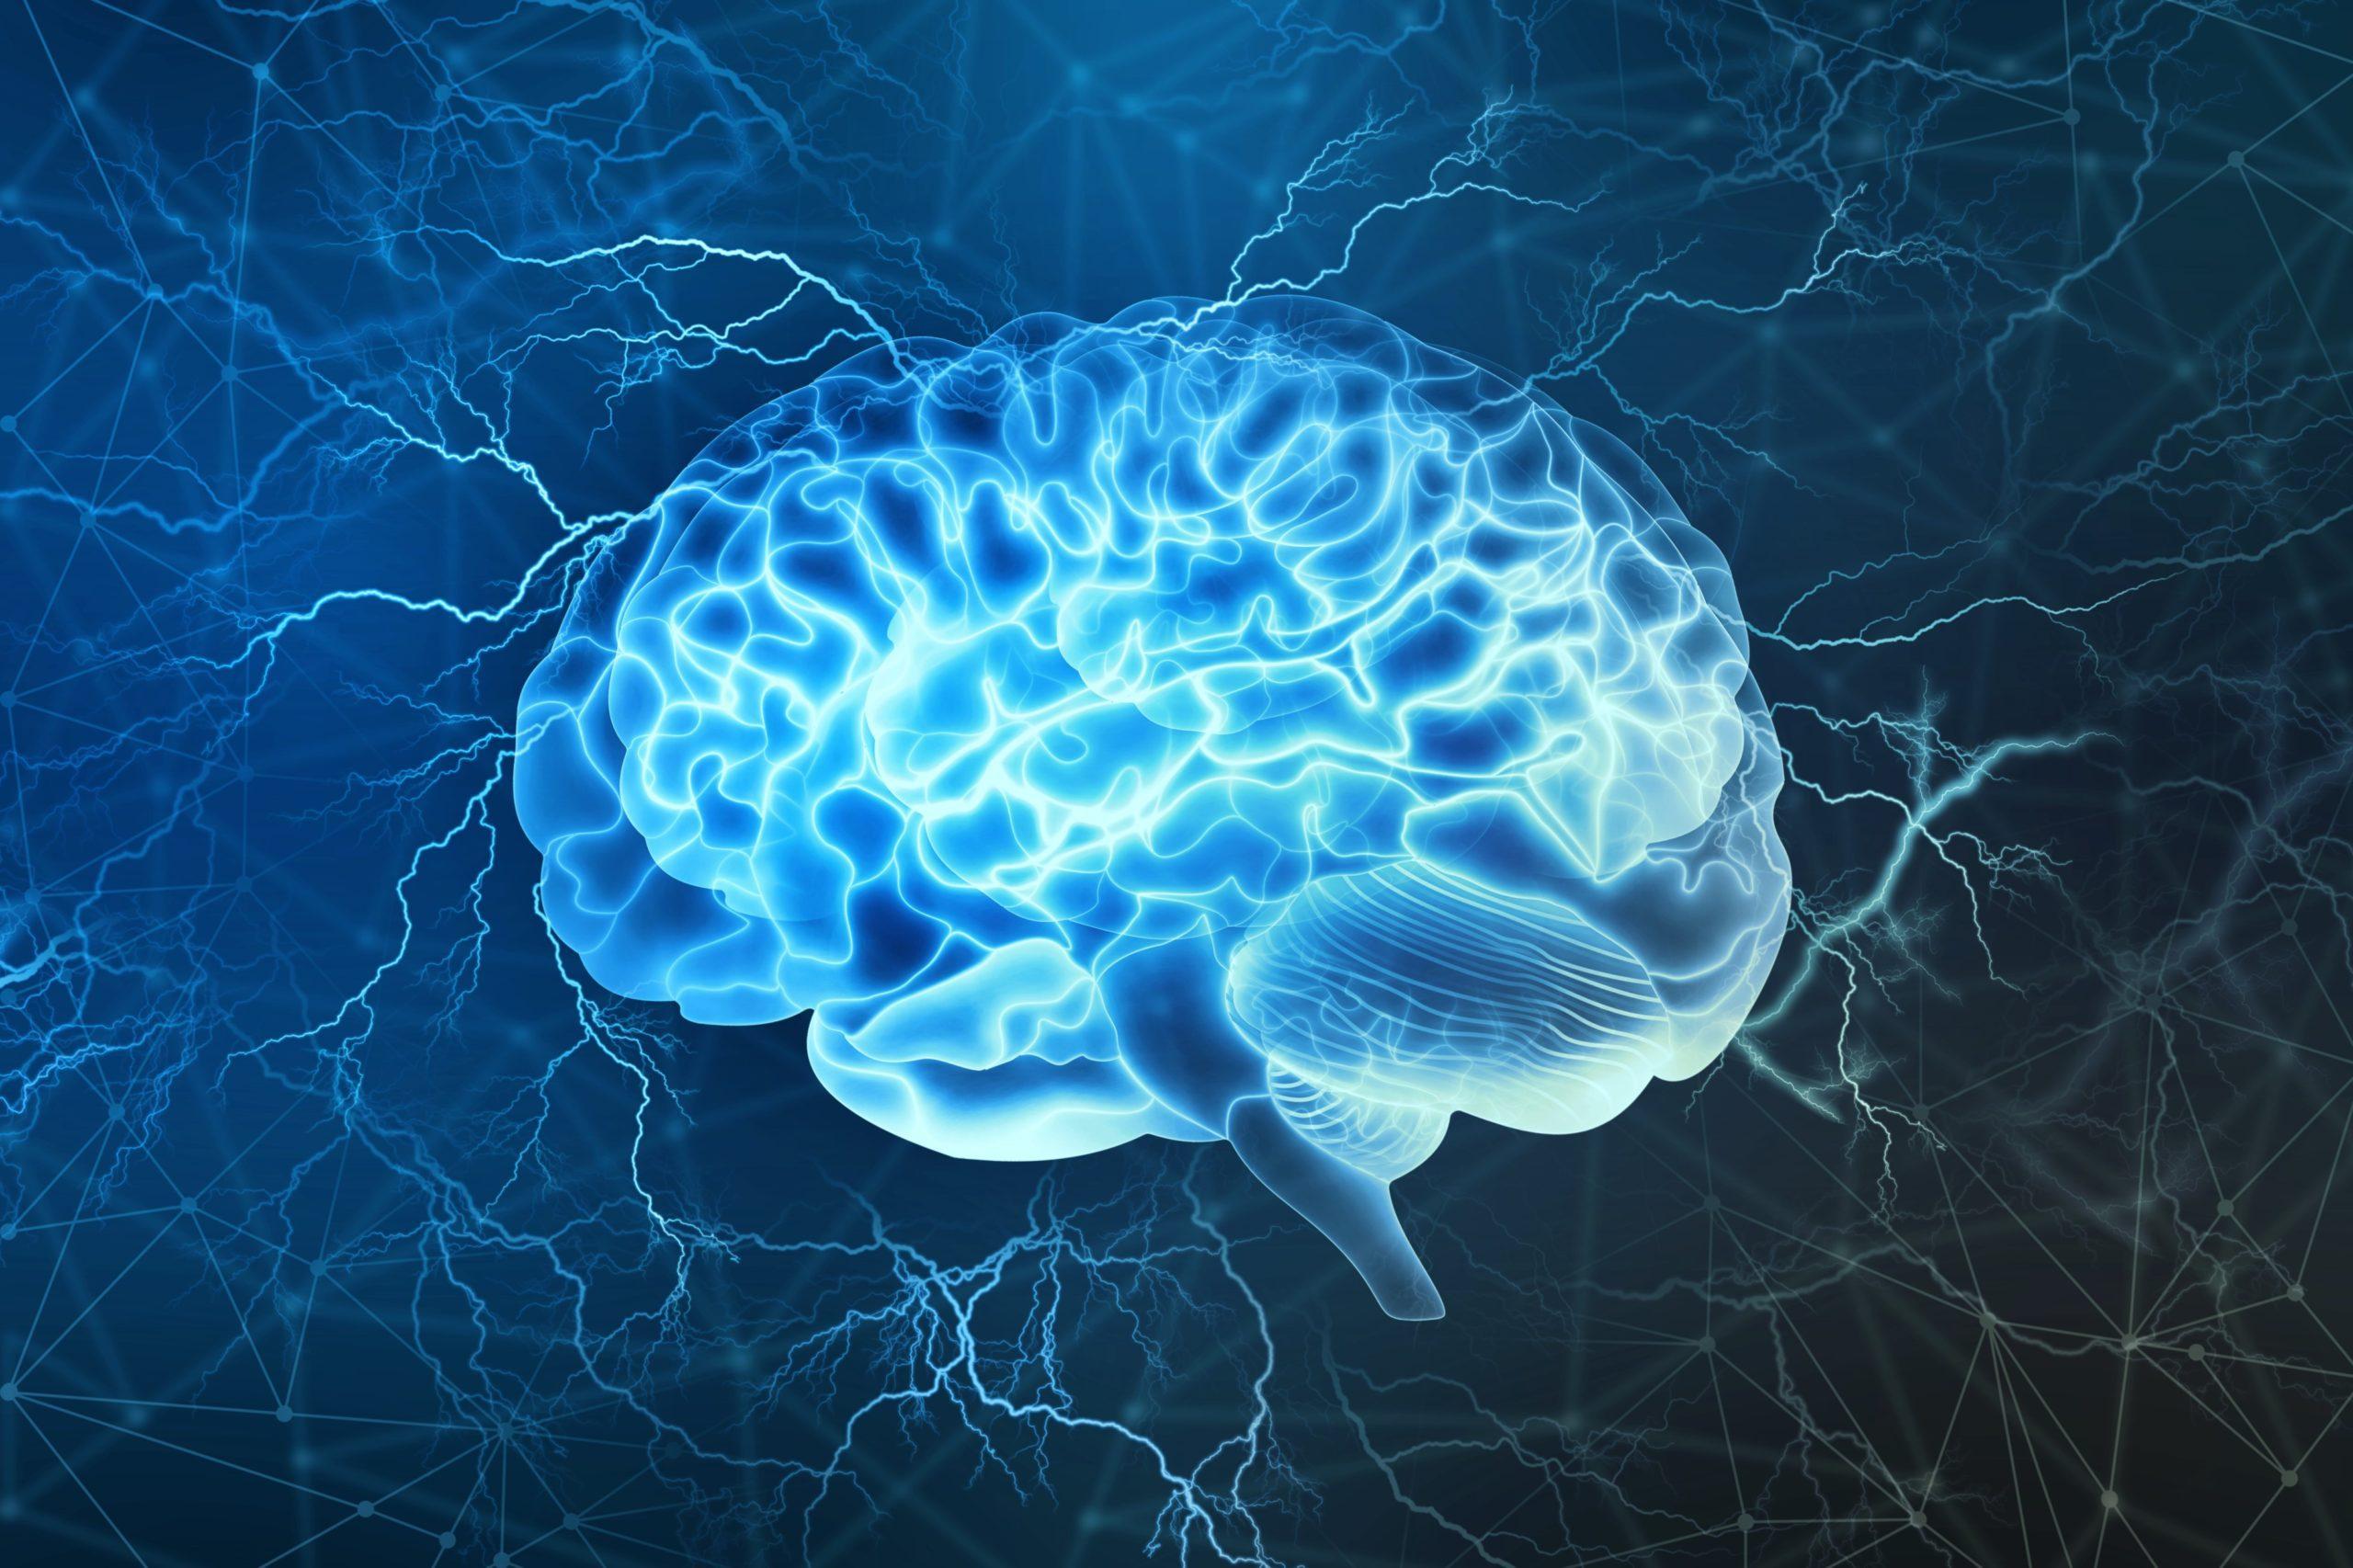 Функциональная неврология: допамин и здоровье мозга | Эль Пасо, Техас Хиропрактик | Эль Пасо, Техас Хиропрактик